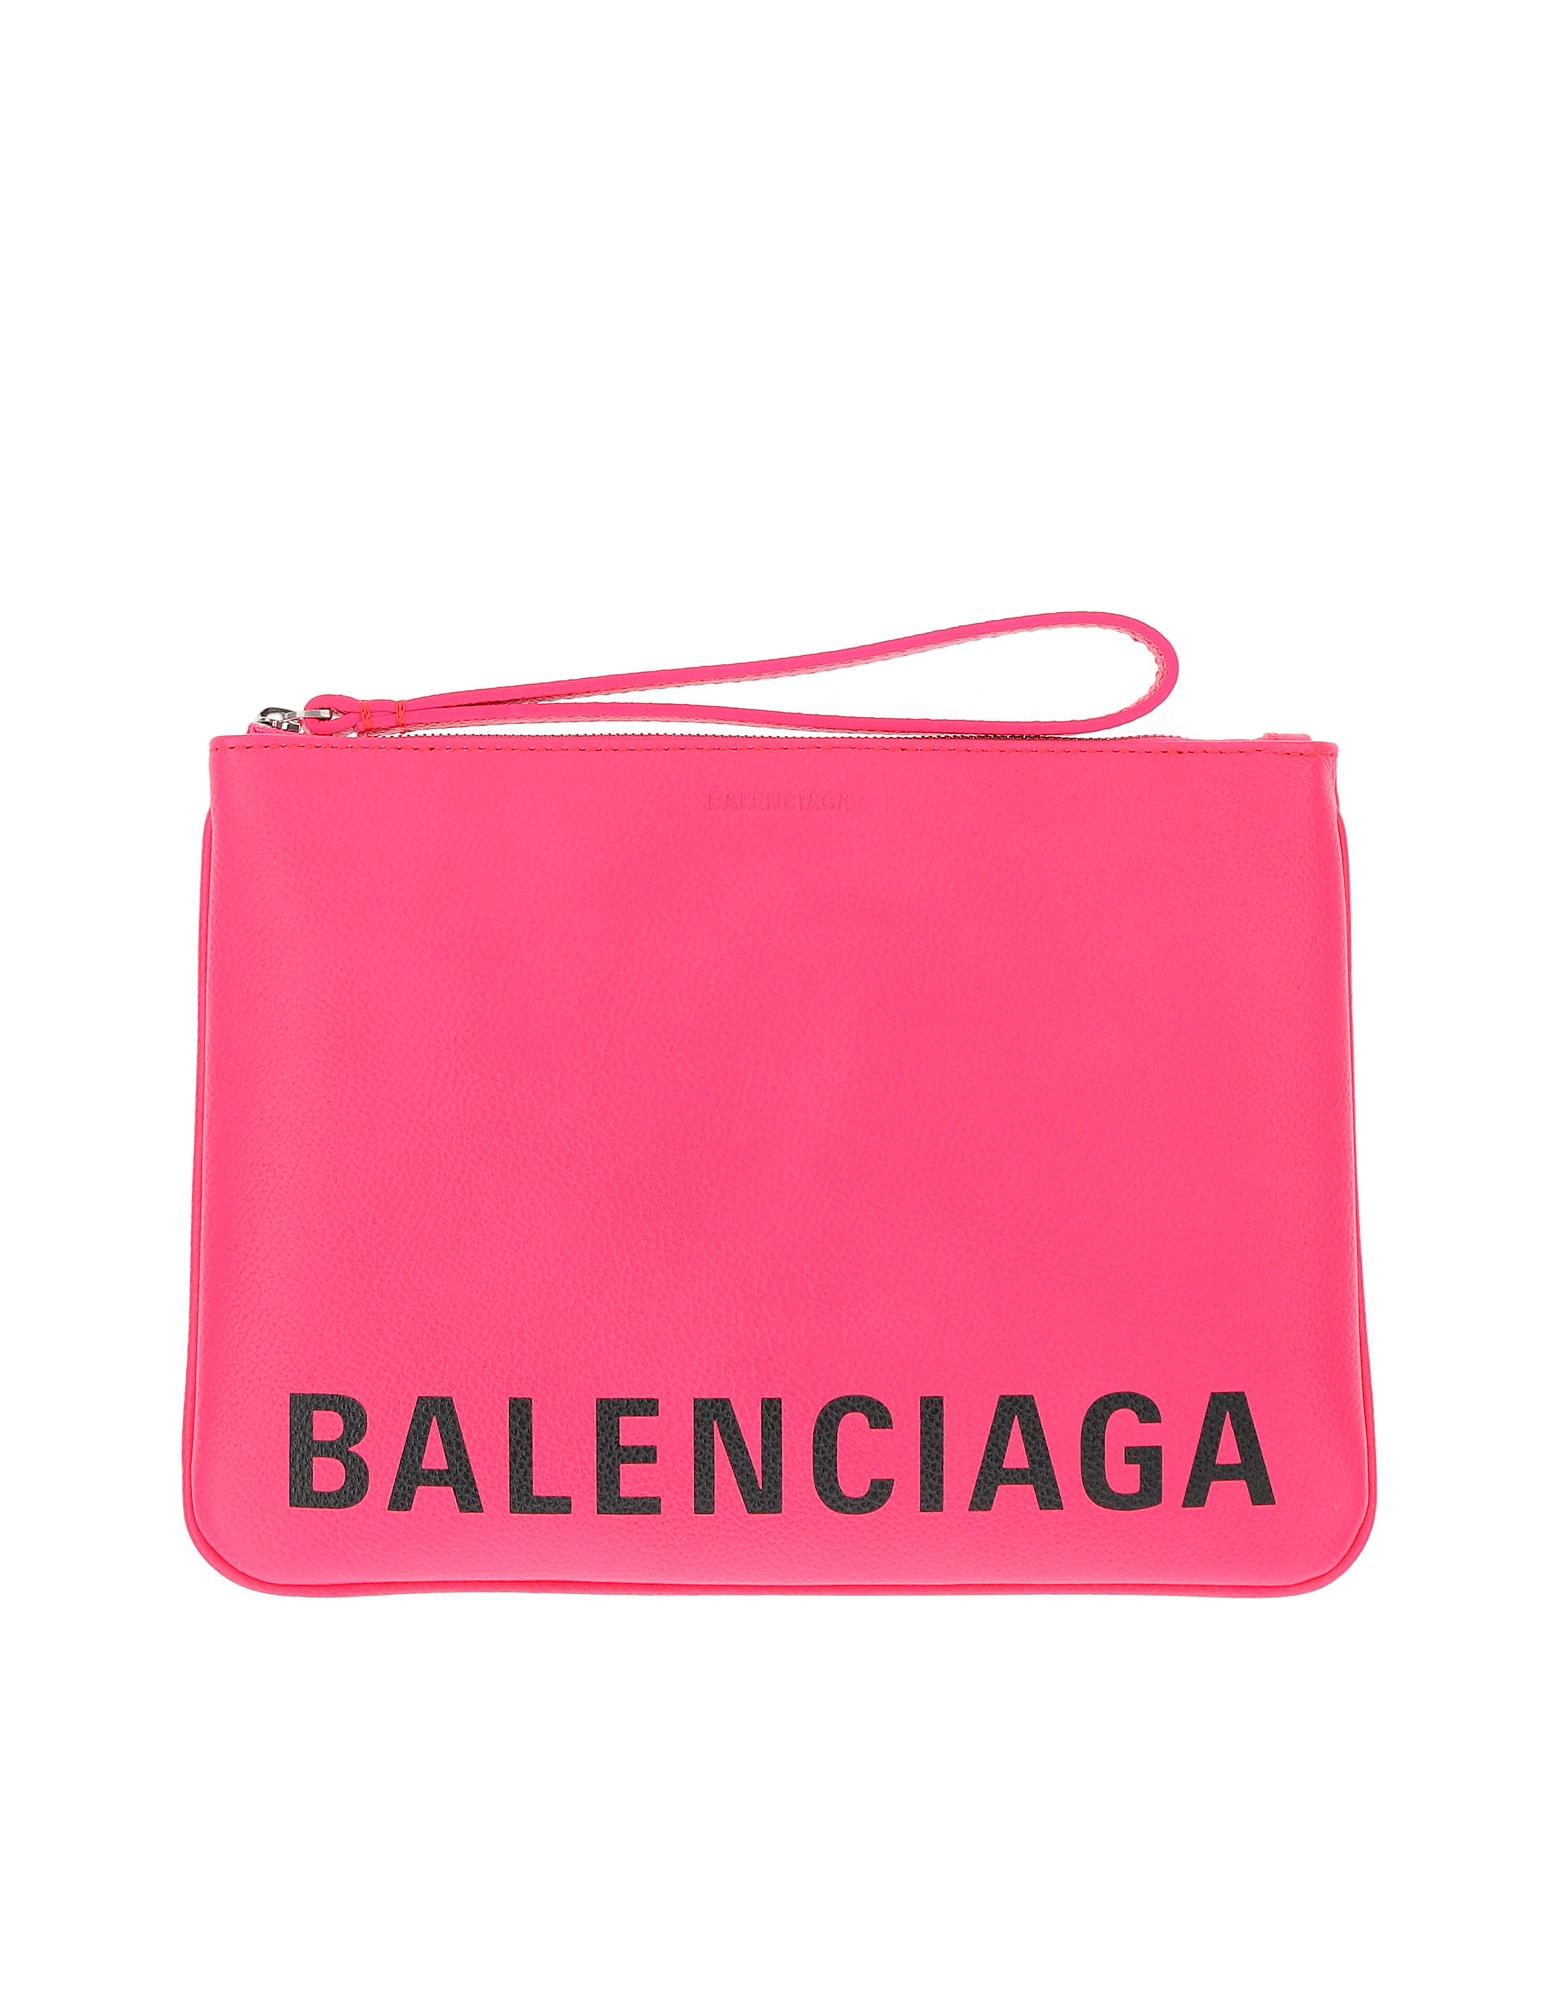 Balenciaga Designer Wallets, Fuchsia Wallet/Clutch